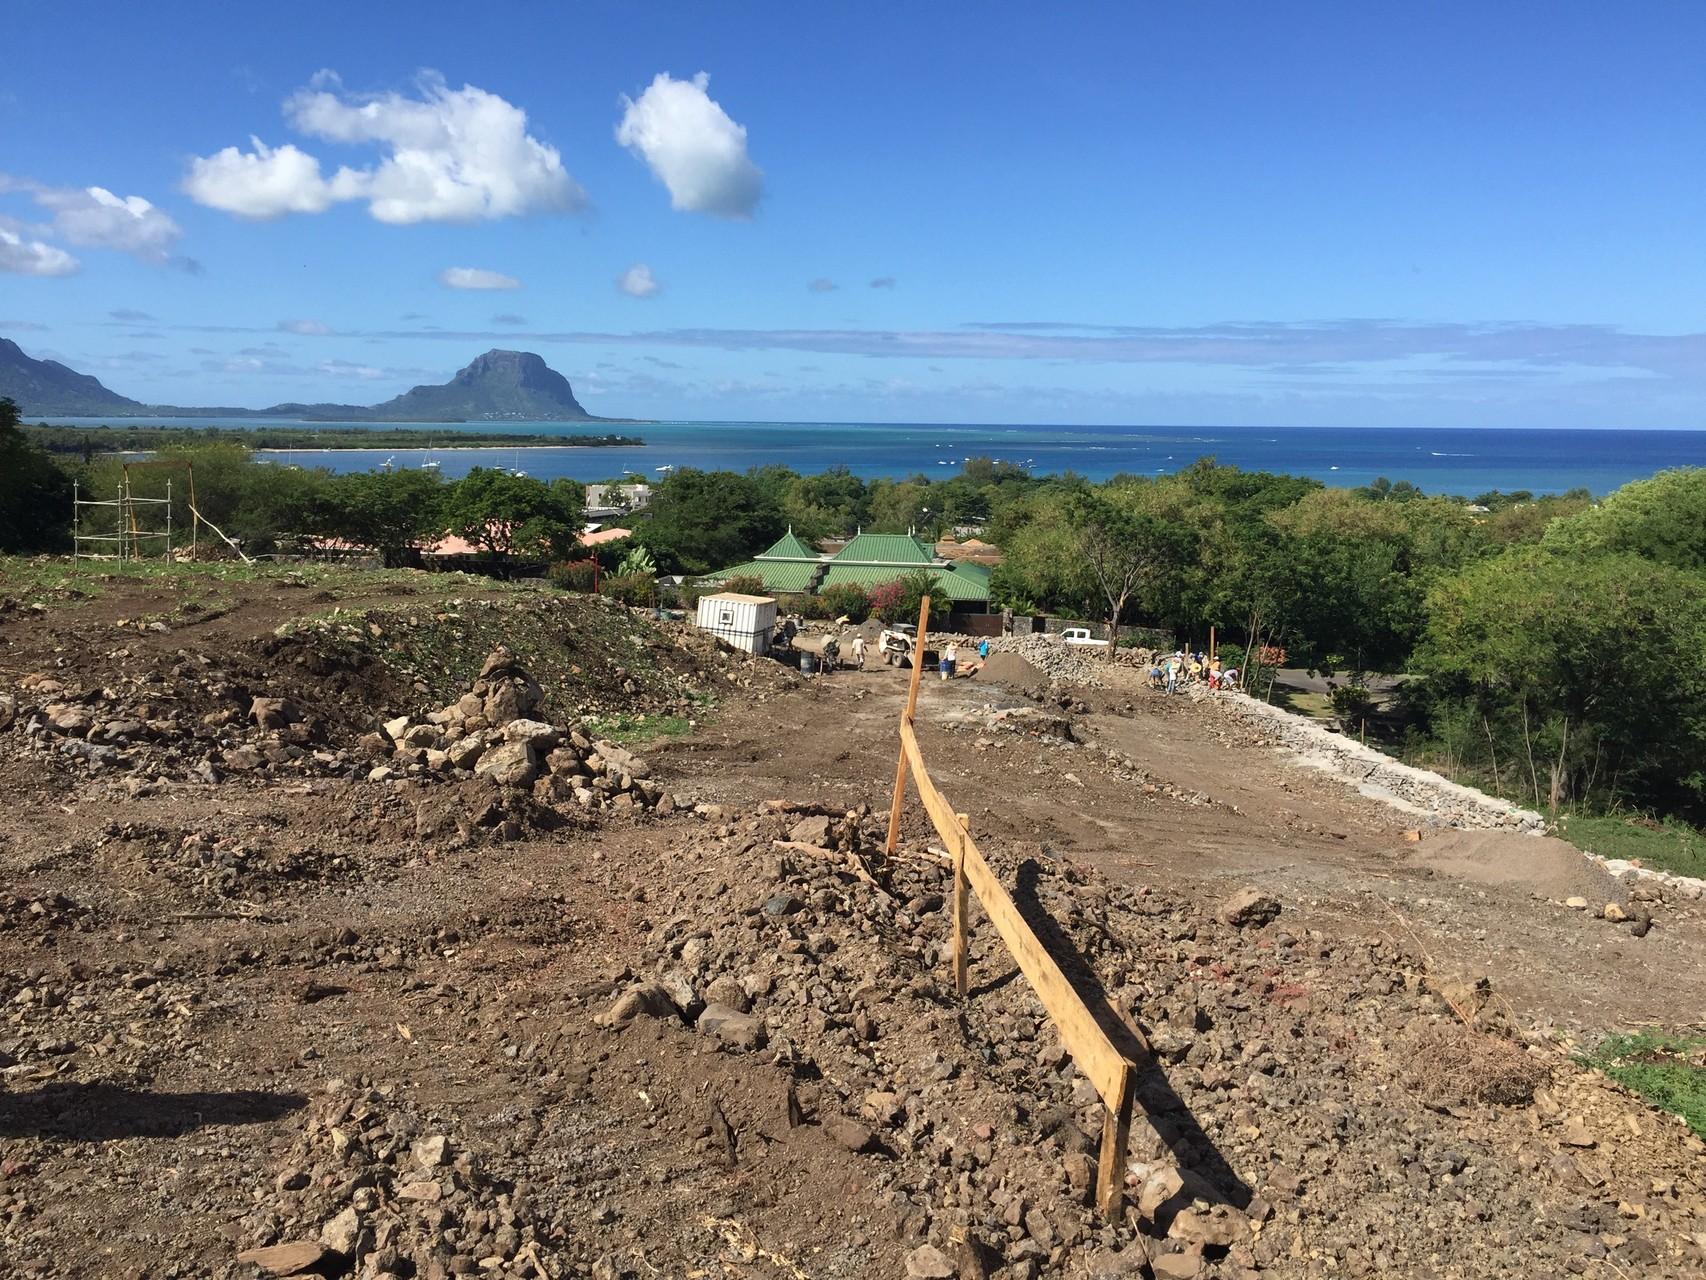 achat immobilier RES vue mer d'exception et de luxe à l'île Maurice en RES OSIRIS VILLAS